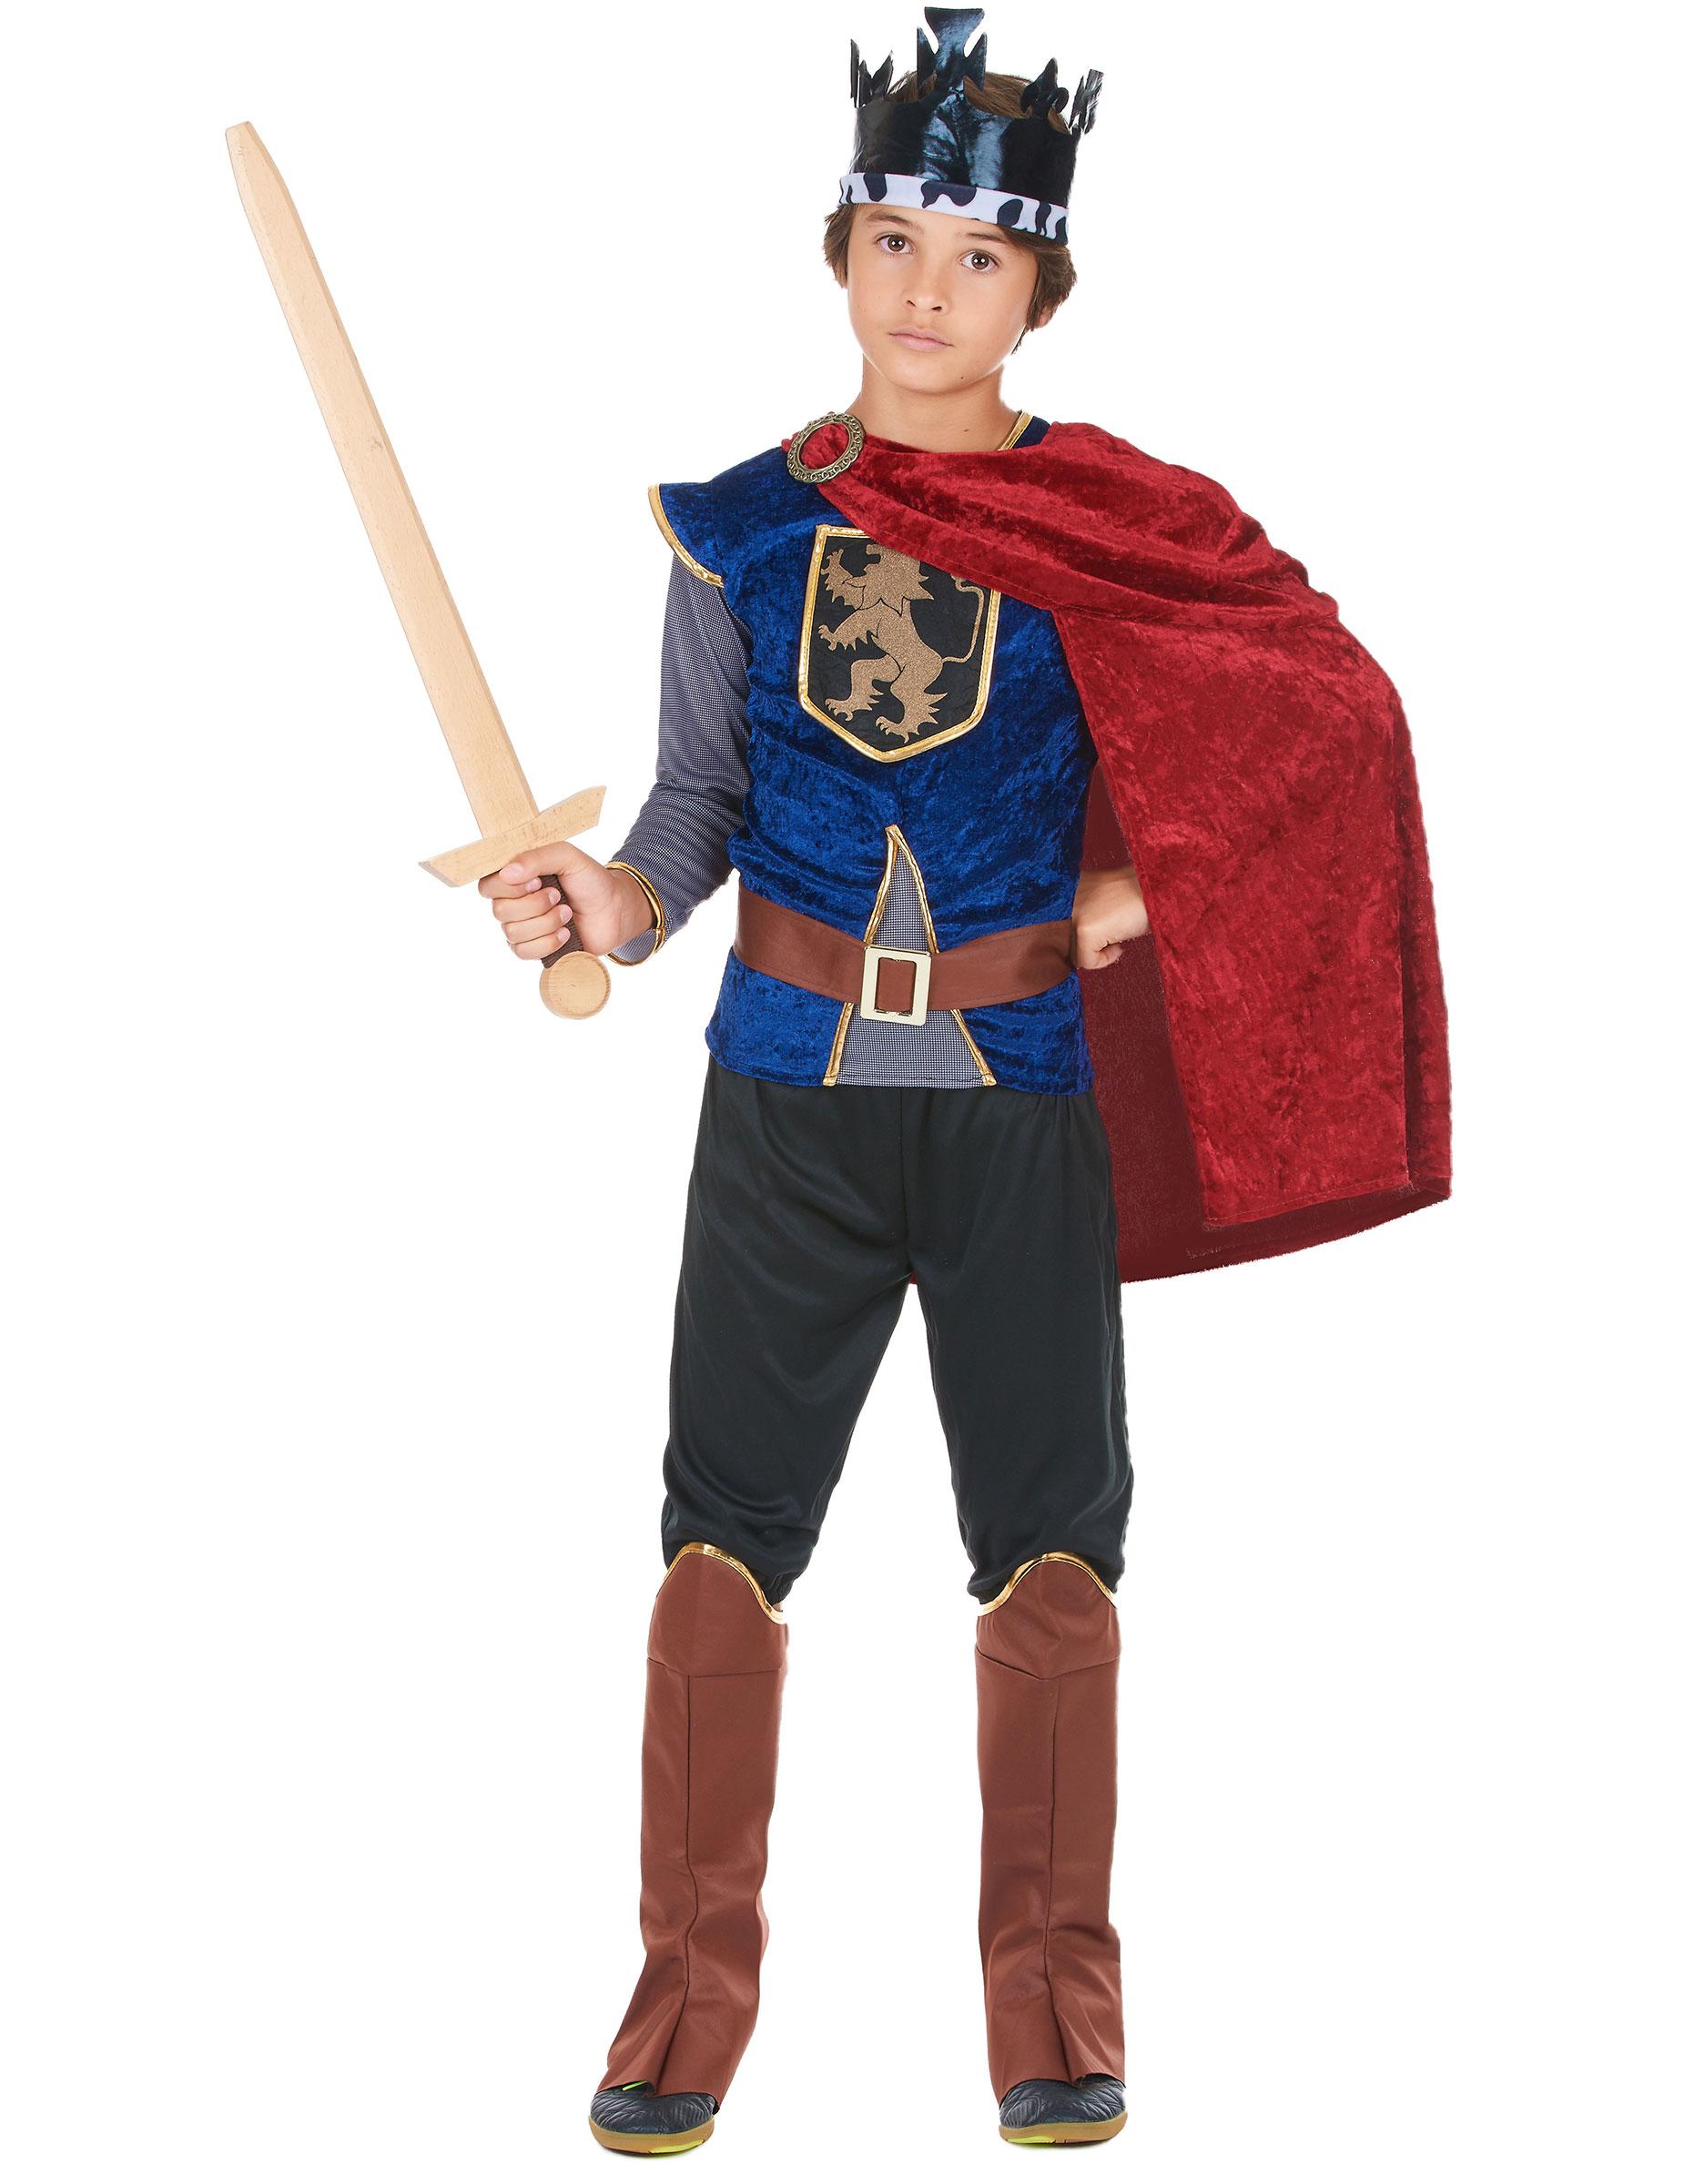 Costume re medioevo bambino Carnevale Cod.214566